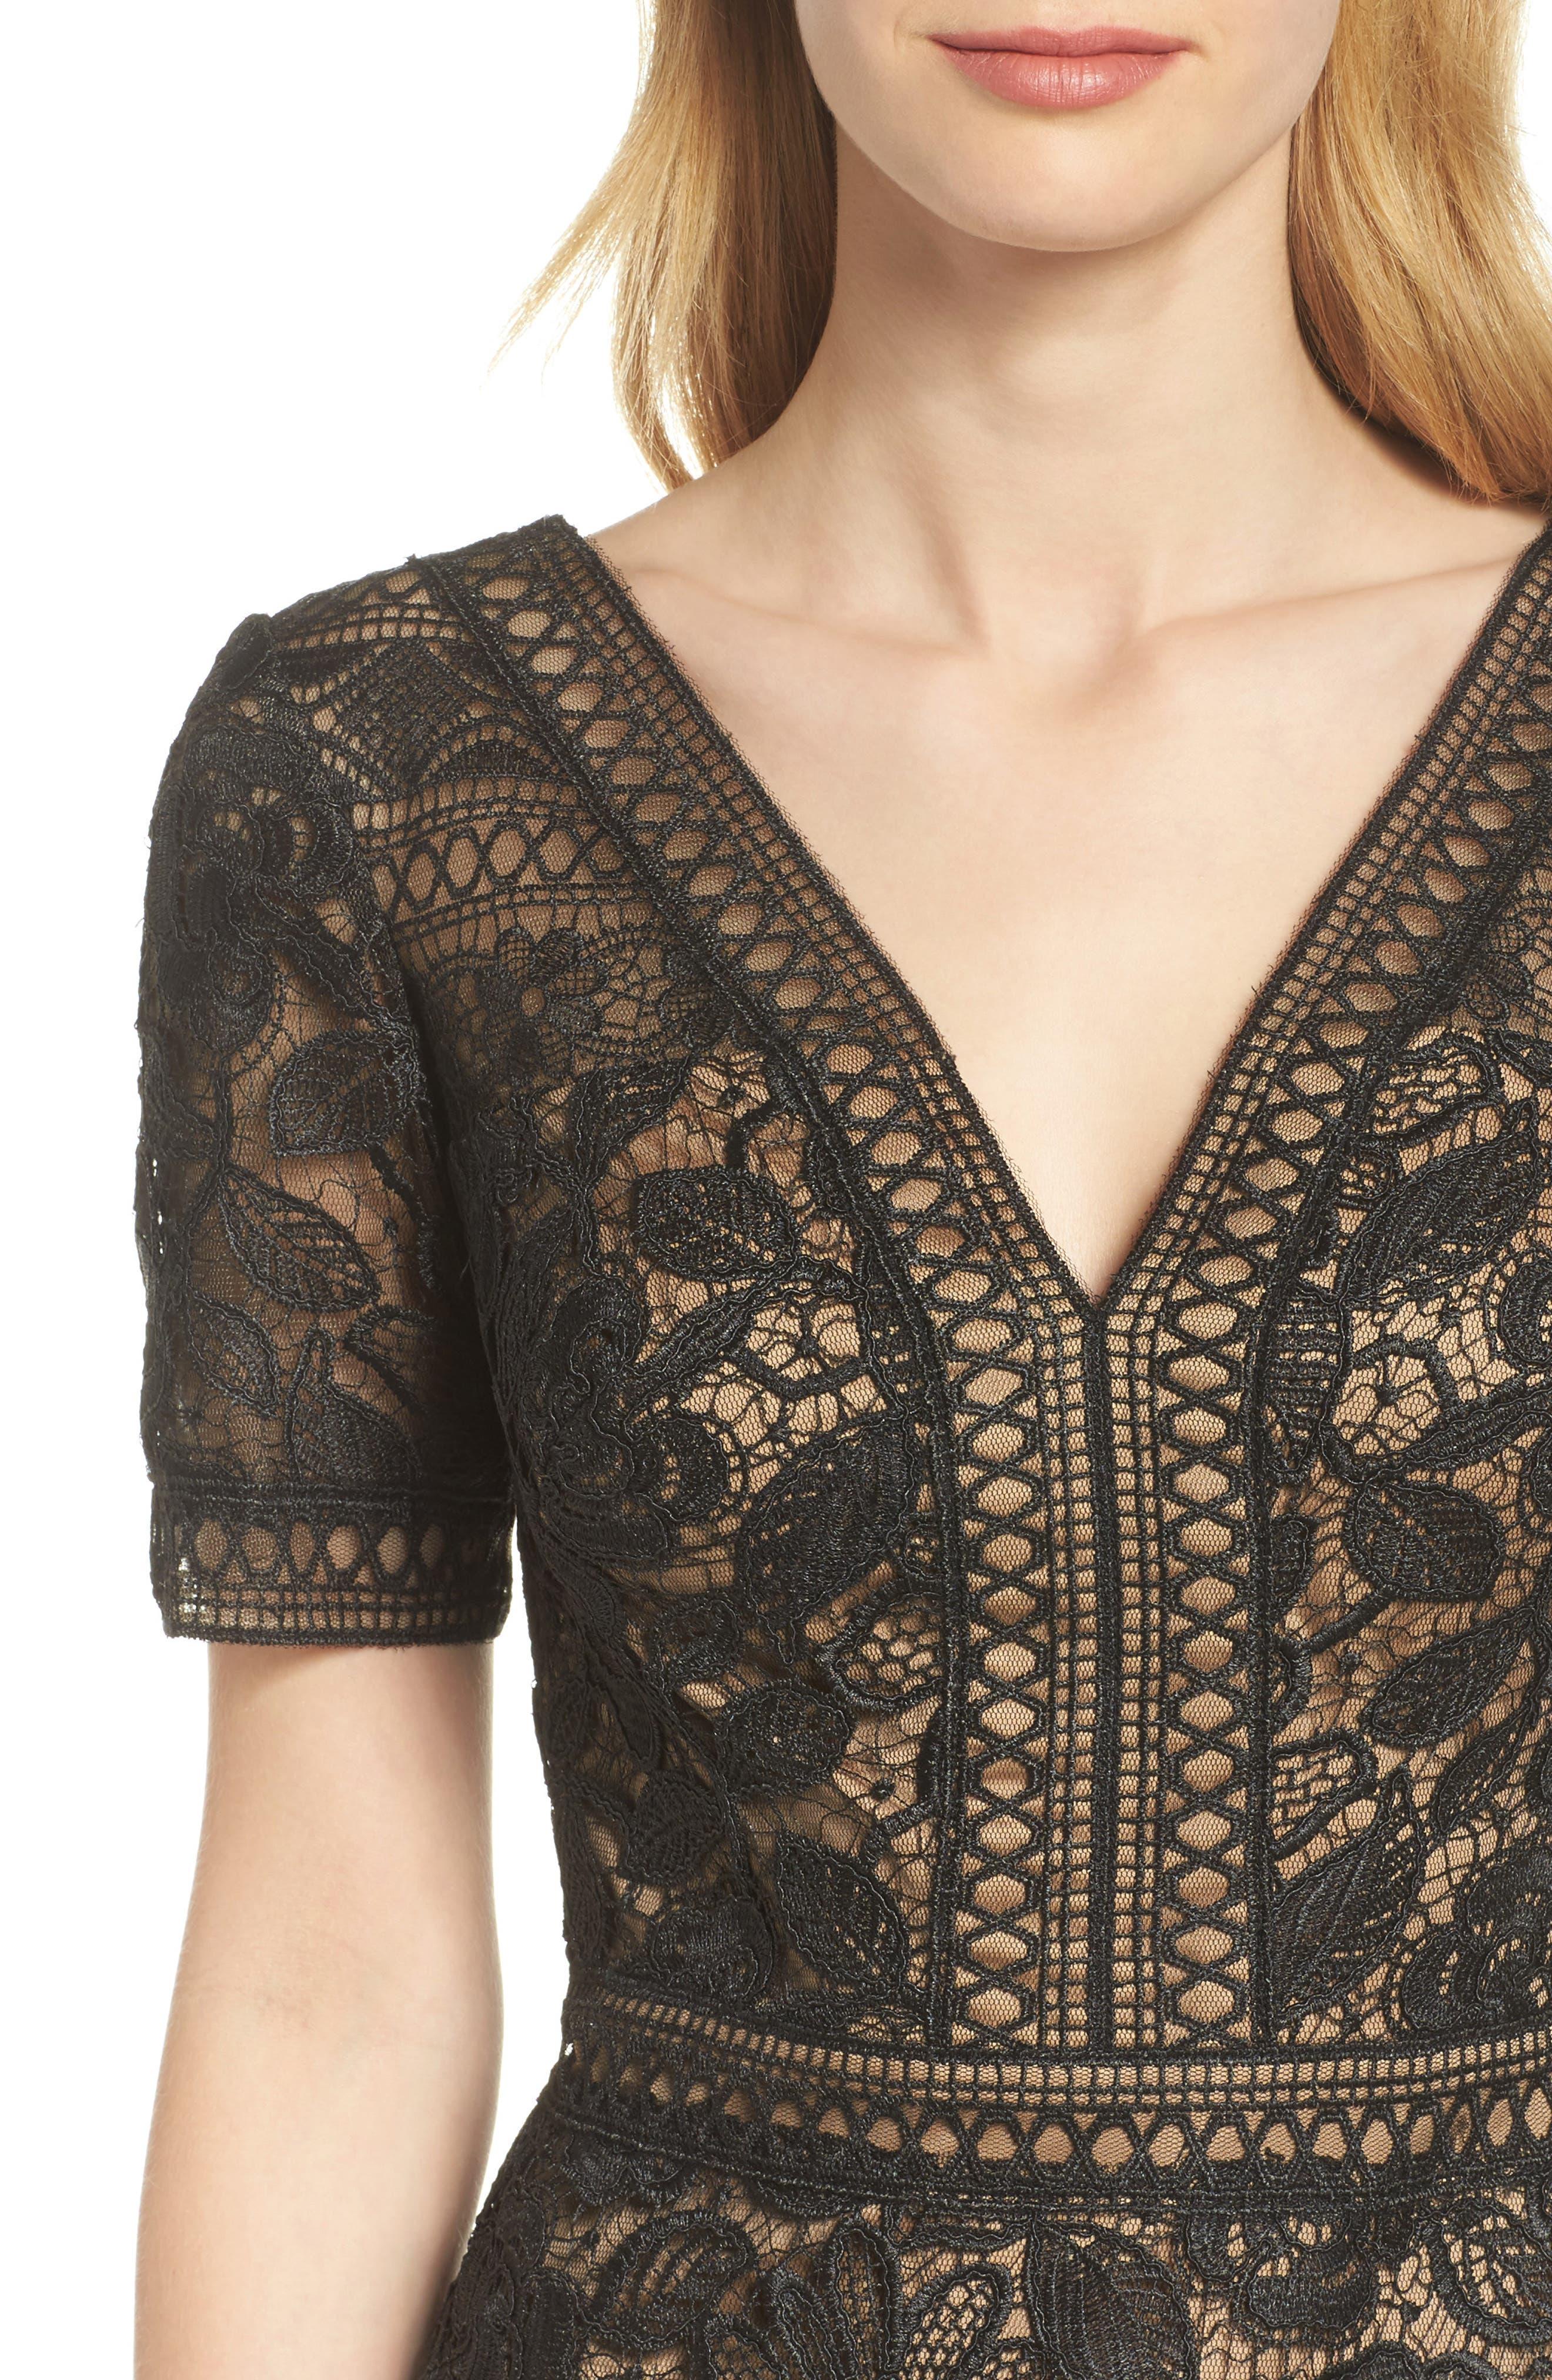 V-Neck Lace Sheath Dress,                             Alternate thumbnail 4, color,                             Black/ Nude